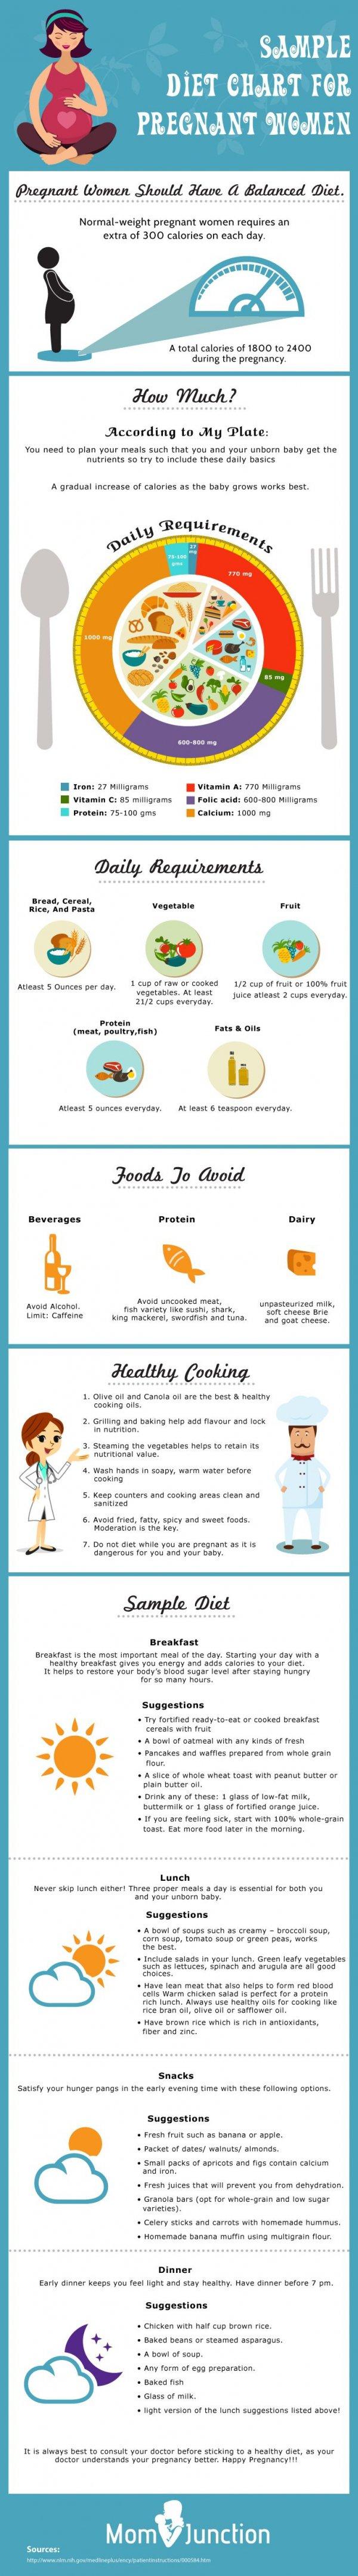 Sample Diet Chart for Pregnant Women